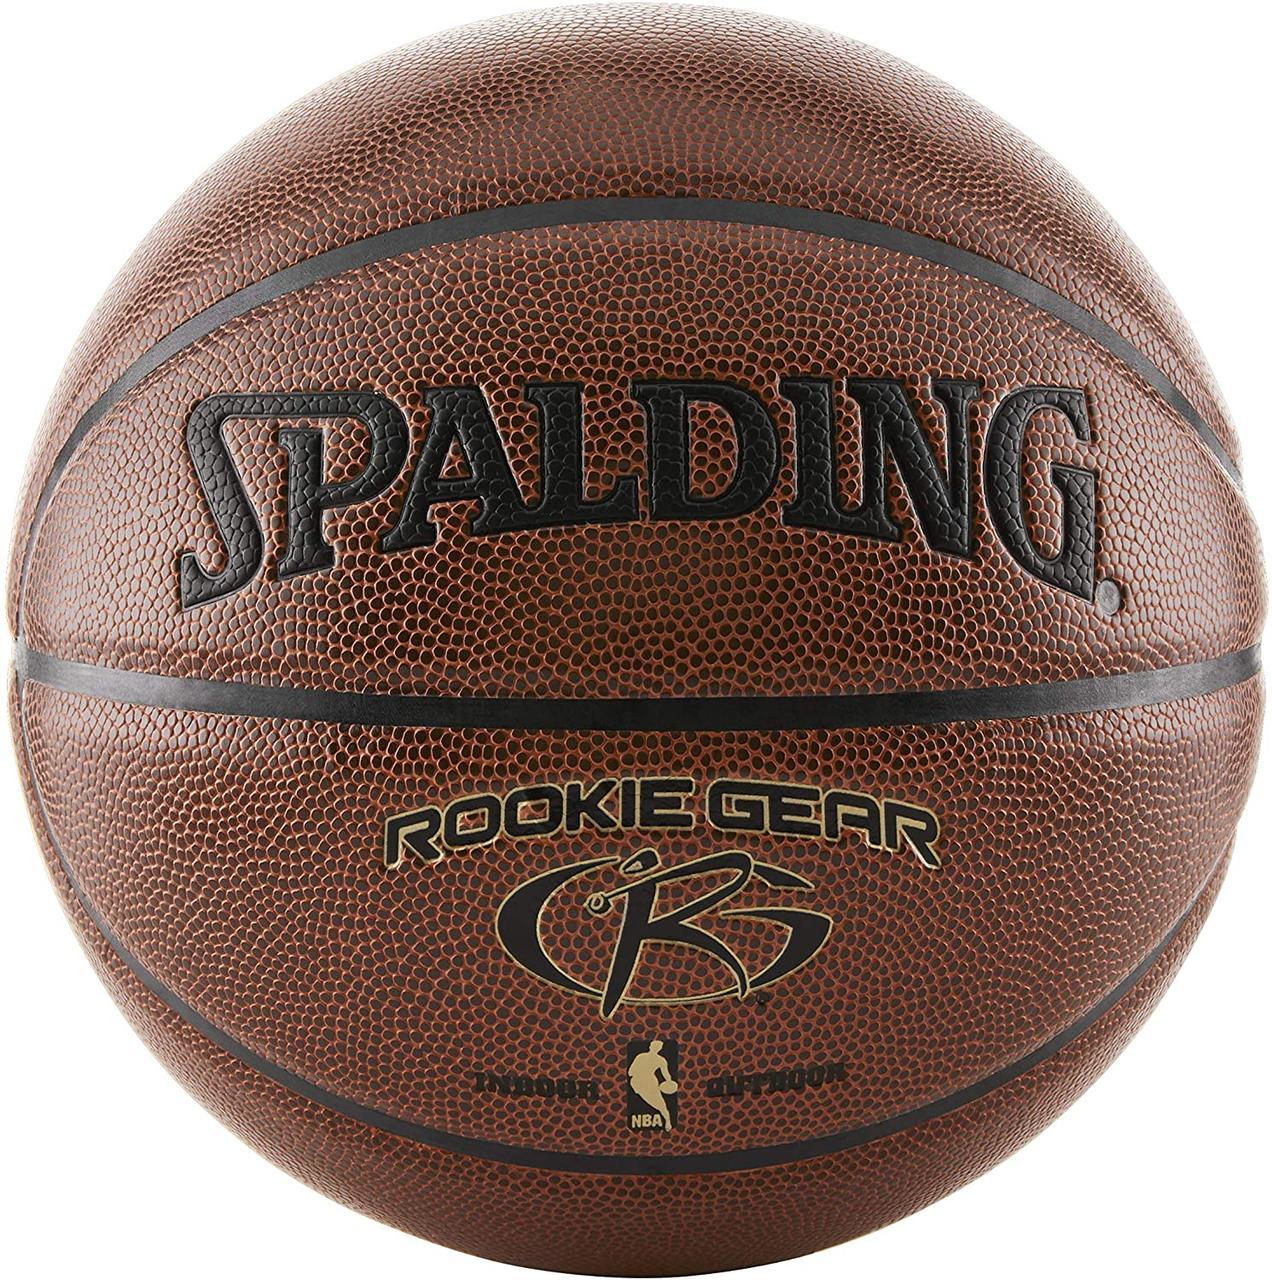 Мяч баскетбольный Spalding Rookie Gear Indoor-Outdoor  Basketball оригинал размер 5 композитная кожа